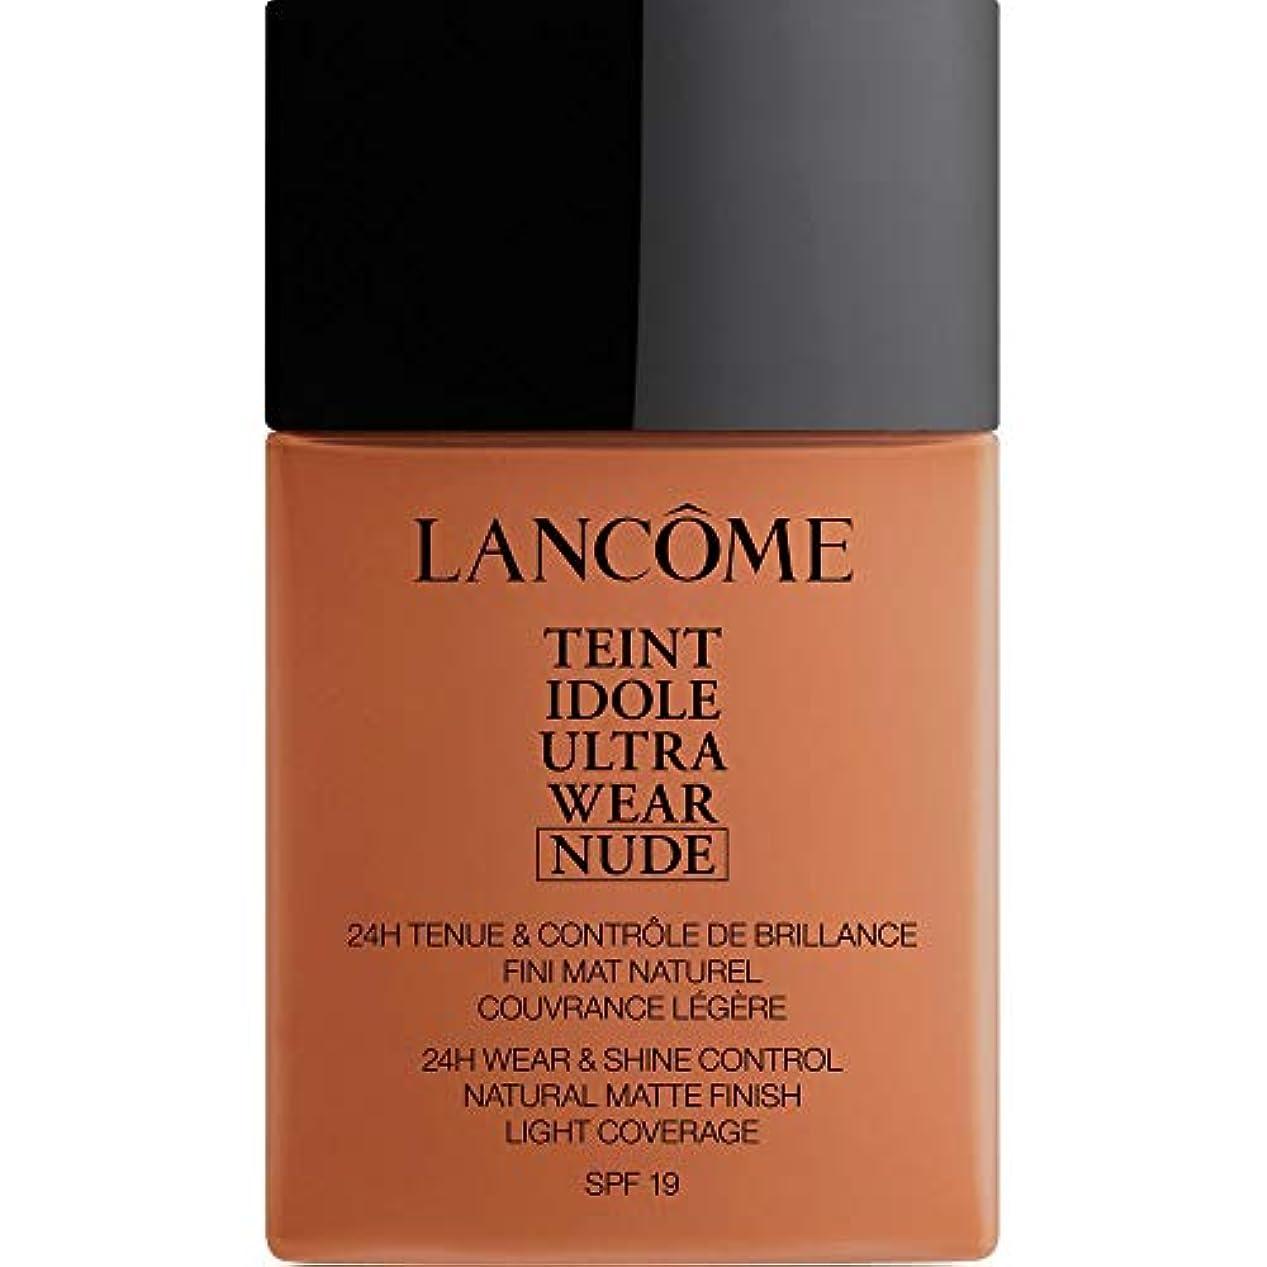 徒歩で誇りスコットランド人[Lanc?me ] アカジュー - ランコムTeintのIdoleは、超ヌード基礎Spf19の40ミリリットル10.1を着用します - Lancome Teint Idole Ultra Wear Nude Foundation...